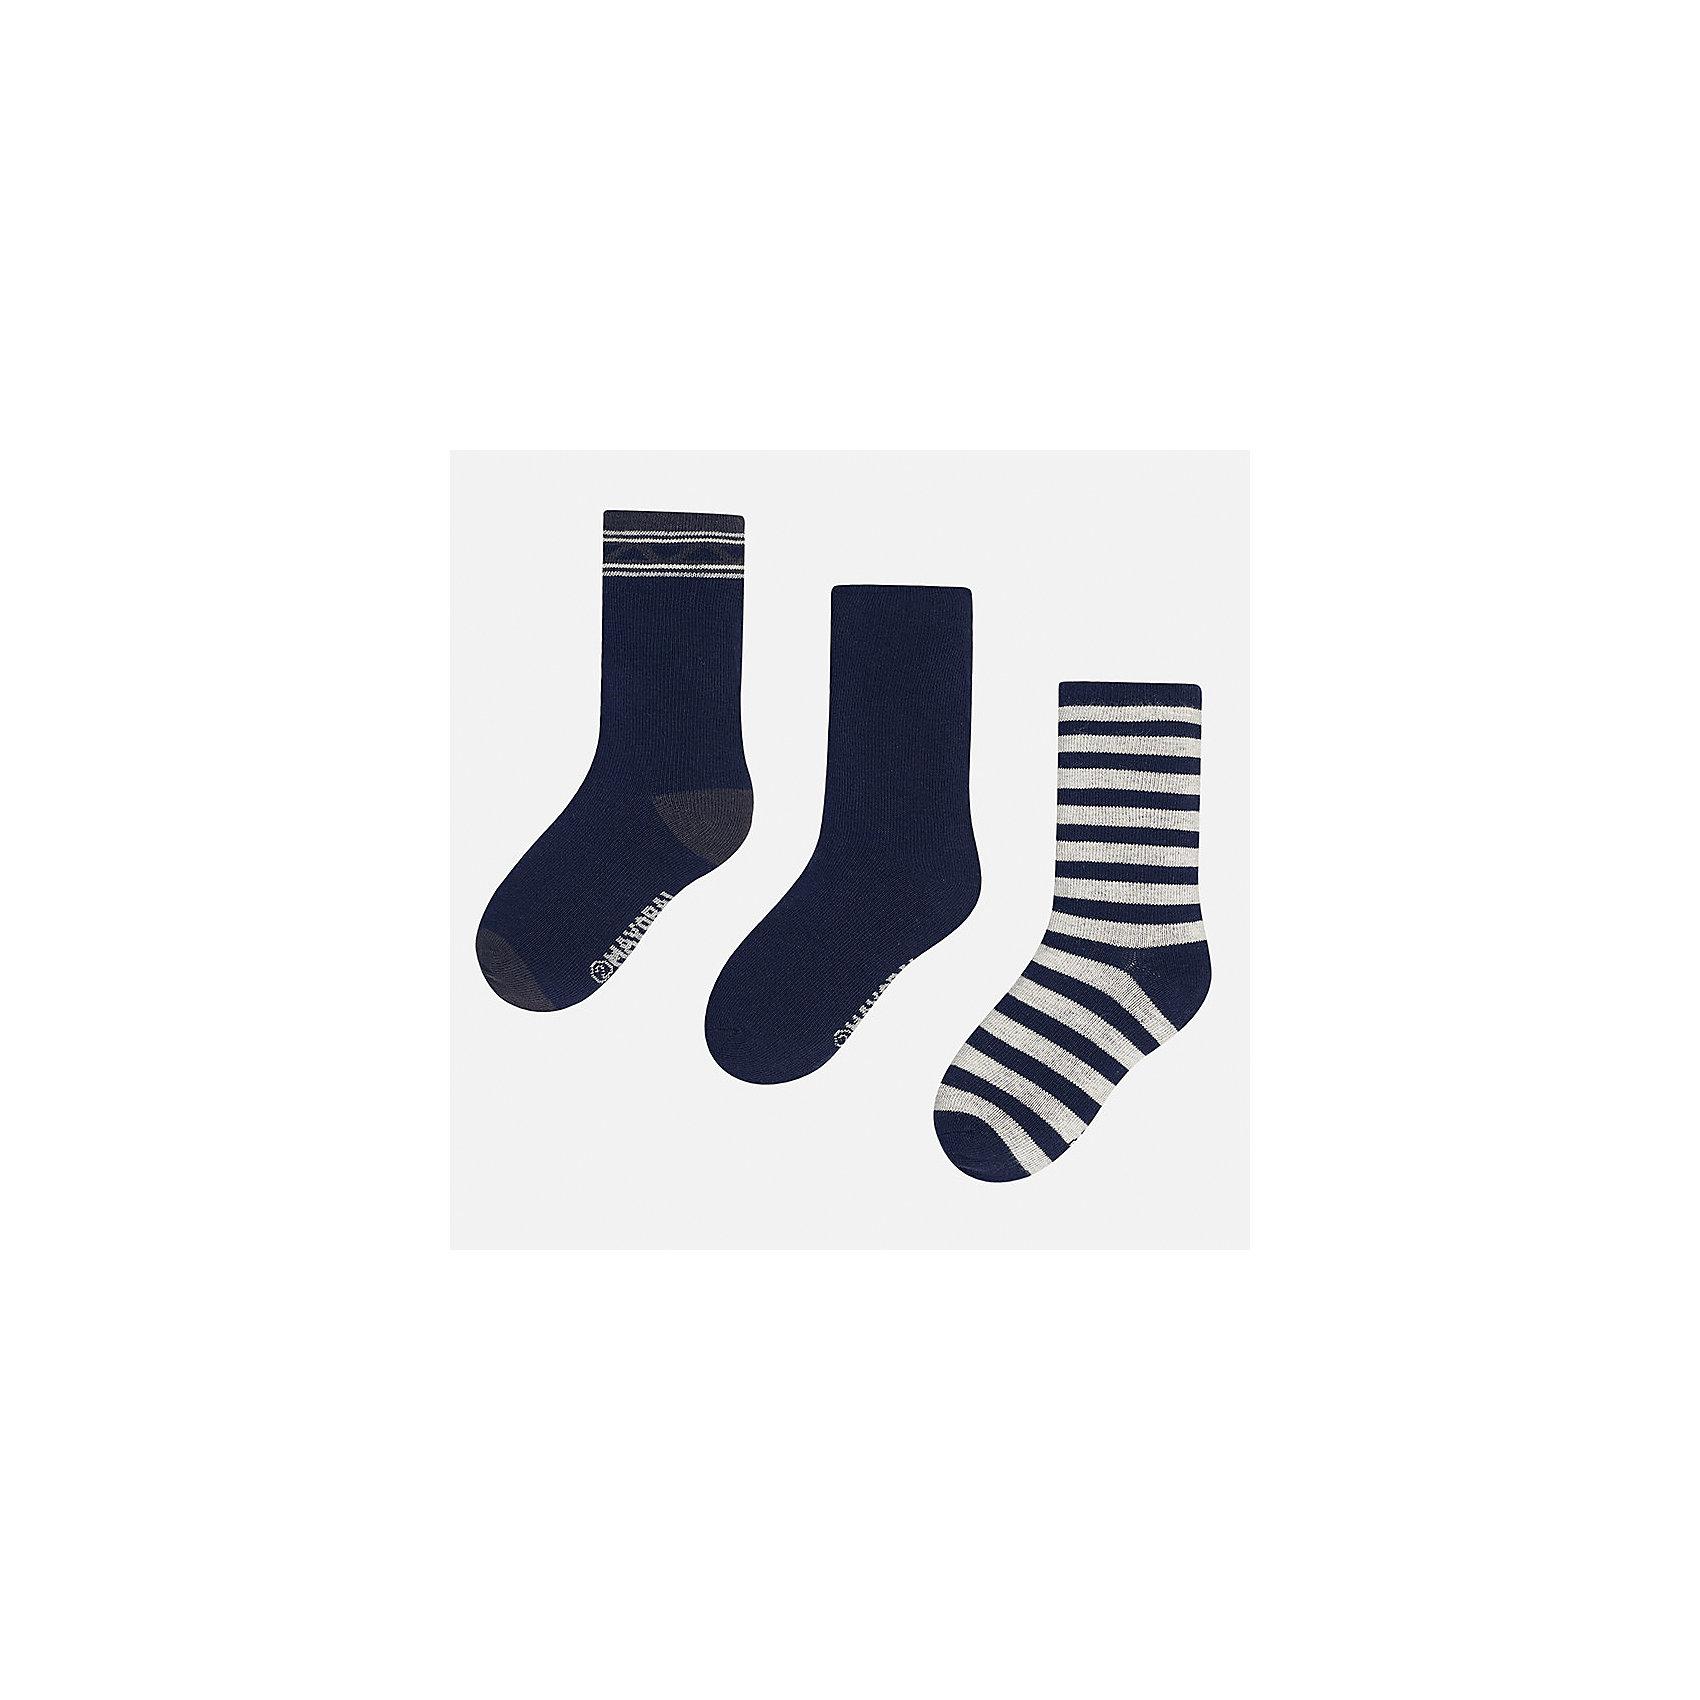 Носки (3 пары) для мальчика MayoralНоски<br>Характеристики товара:<br><br>• цвет: синий/серый<br>• состав ткани: 72% хлопок, 25% полиамид, 3% эластан<br>• сезон: круглый год<br>• комплектация: 3 пары<br>• страна бренда: Испания<br>• страна изготовитель: Индия<br><br>Детские носки Mayoral обеспечат ребенку комфорт и аккуратный внешний вид. Эти детские носки, как и вся одежда от испанской компании Mayoral отличаются оригинальным и стильным дизайном. Комплект носков для мальчика от Майорал симпатично смотрится, они удобно сидят благодаря качественному дышащему трикотажу. <br><br>Носки (3 пары) для мальчика Mayoral (Майорал) можно купить в нашем интернет-магазине.<br><br>Ширина мм: 87<br>Глубина мм: 10<br>Высота мм: 105<br>Вес г: 115<br>Цвет: сине-серый<br>Возраст от месяцев: 96<br>Возраст до месяцев: 108<br>Пол: Мужской<br>Возраст: Детский<br>Размер: 33-35,24-26,27-29,30-32<br>SKU: 6939215